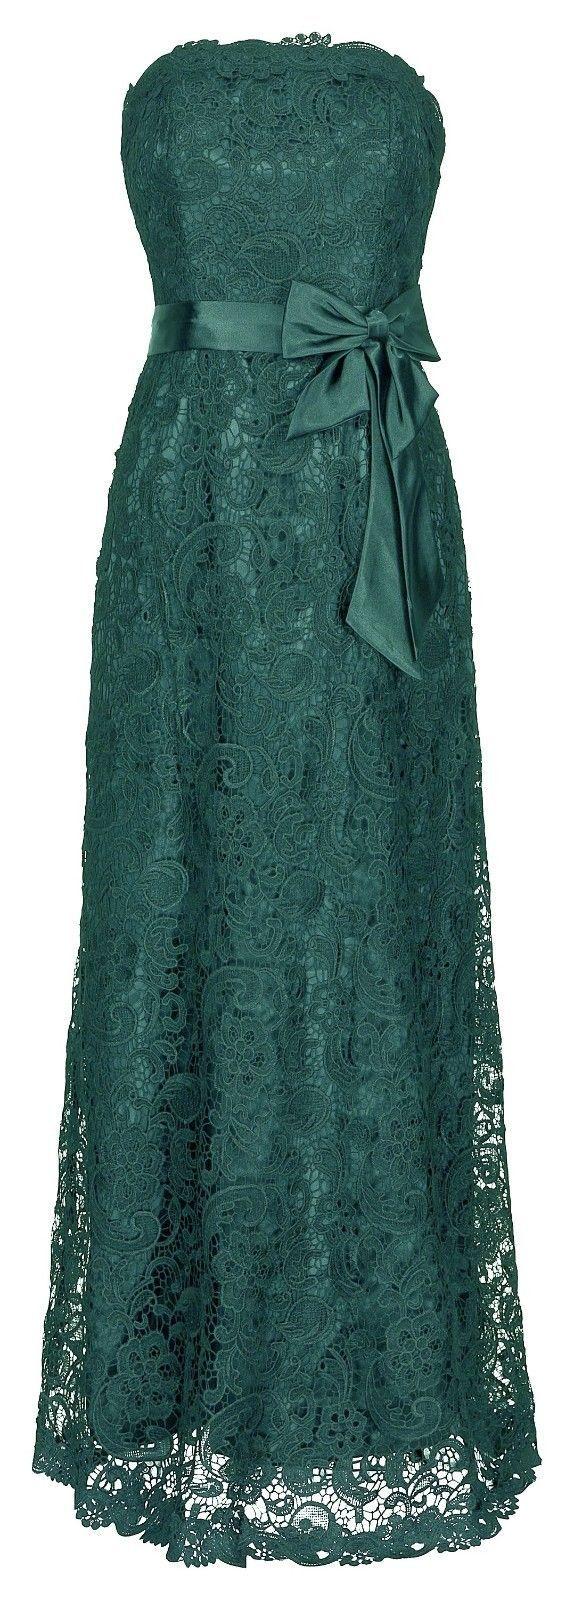 Details zu Juju Christine Spitzenkleid Abendkleid Ballkleid ...